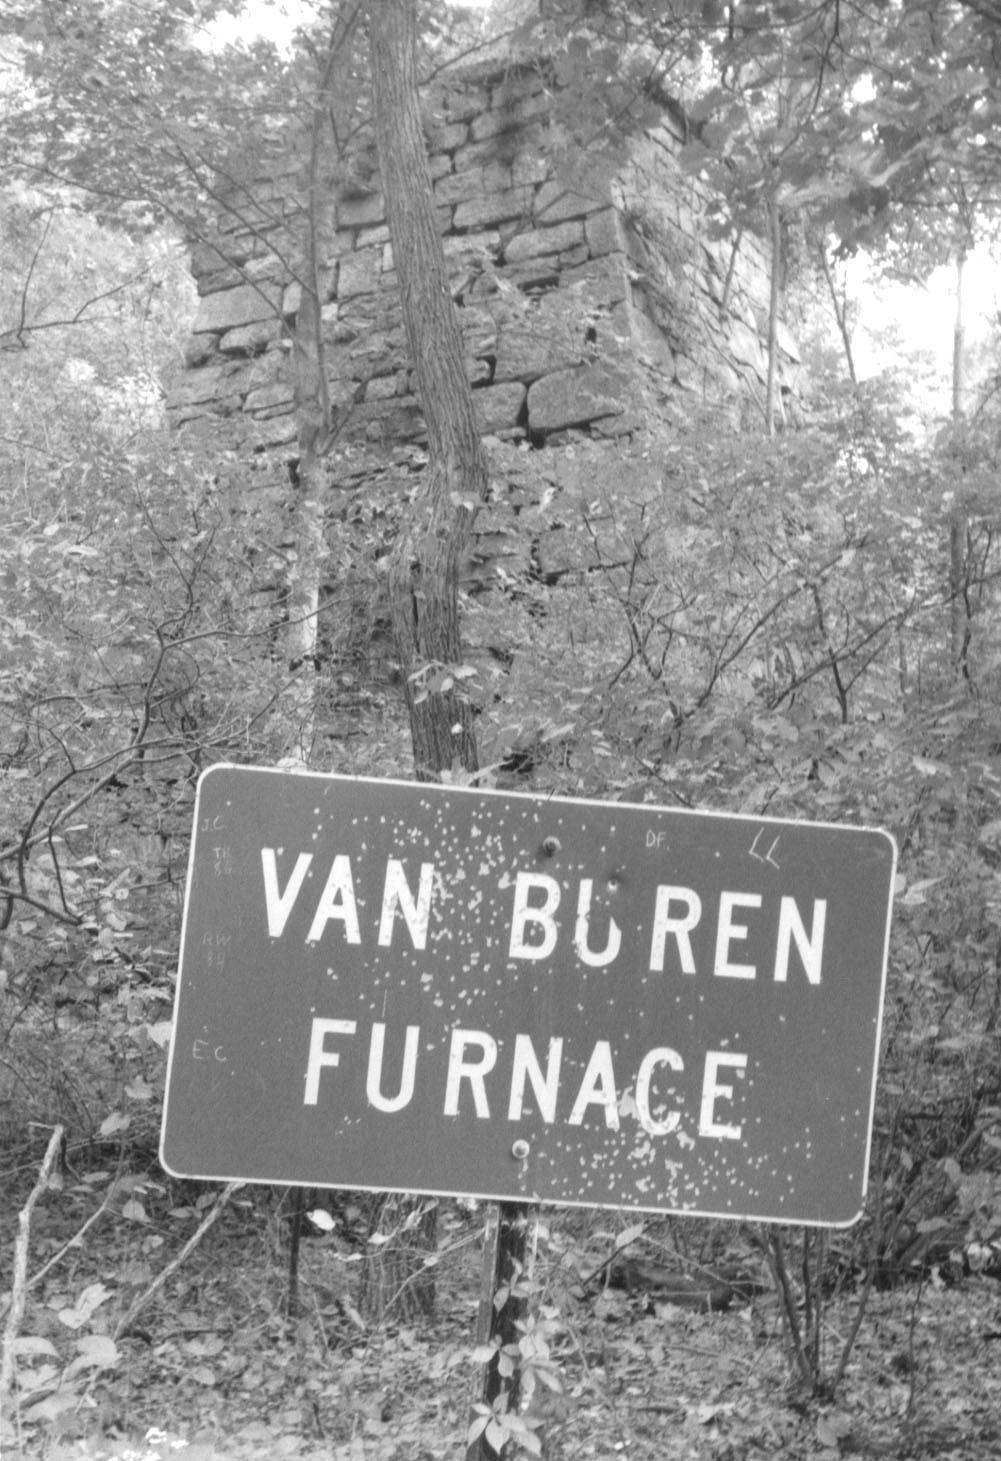 Van Buren Furnace